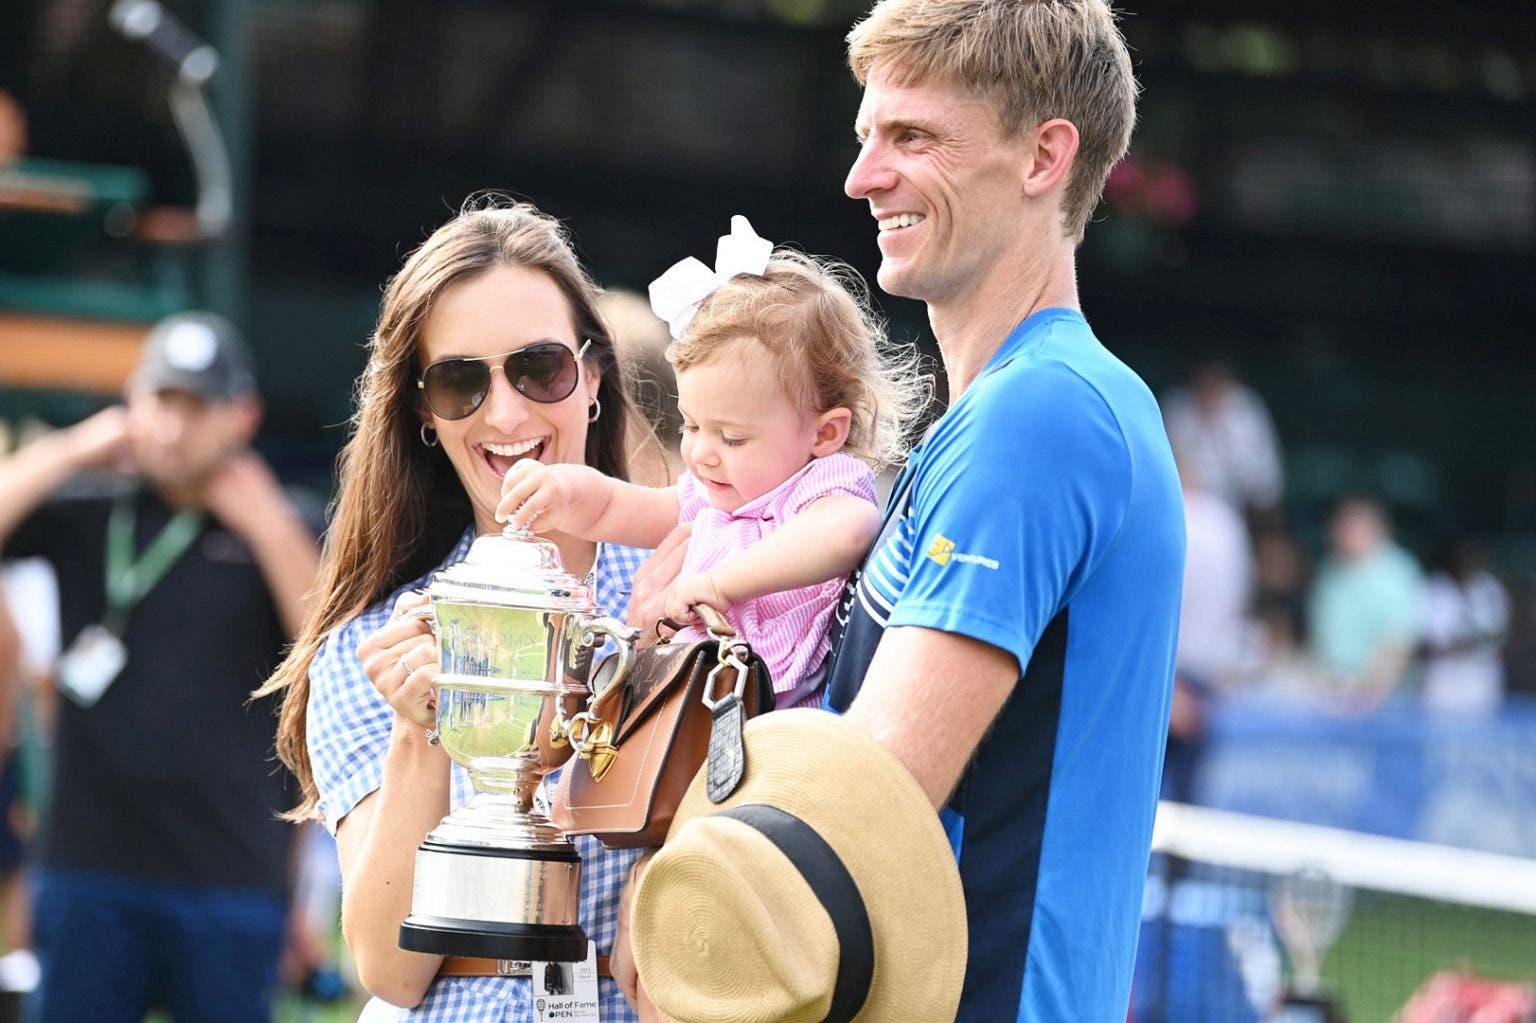 kevin anderson newport - ATP Newport: Končno ponovno slavje Andersona! Južnoafričan do sedmega naslova!